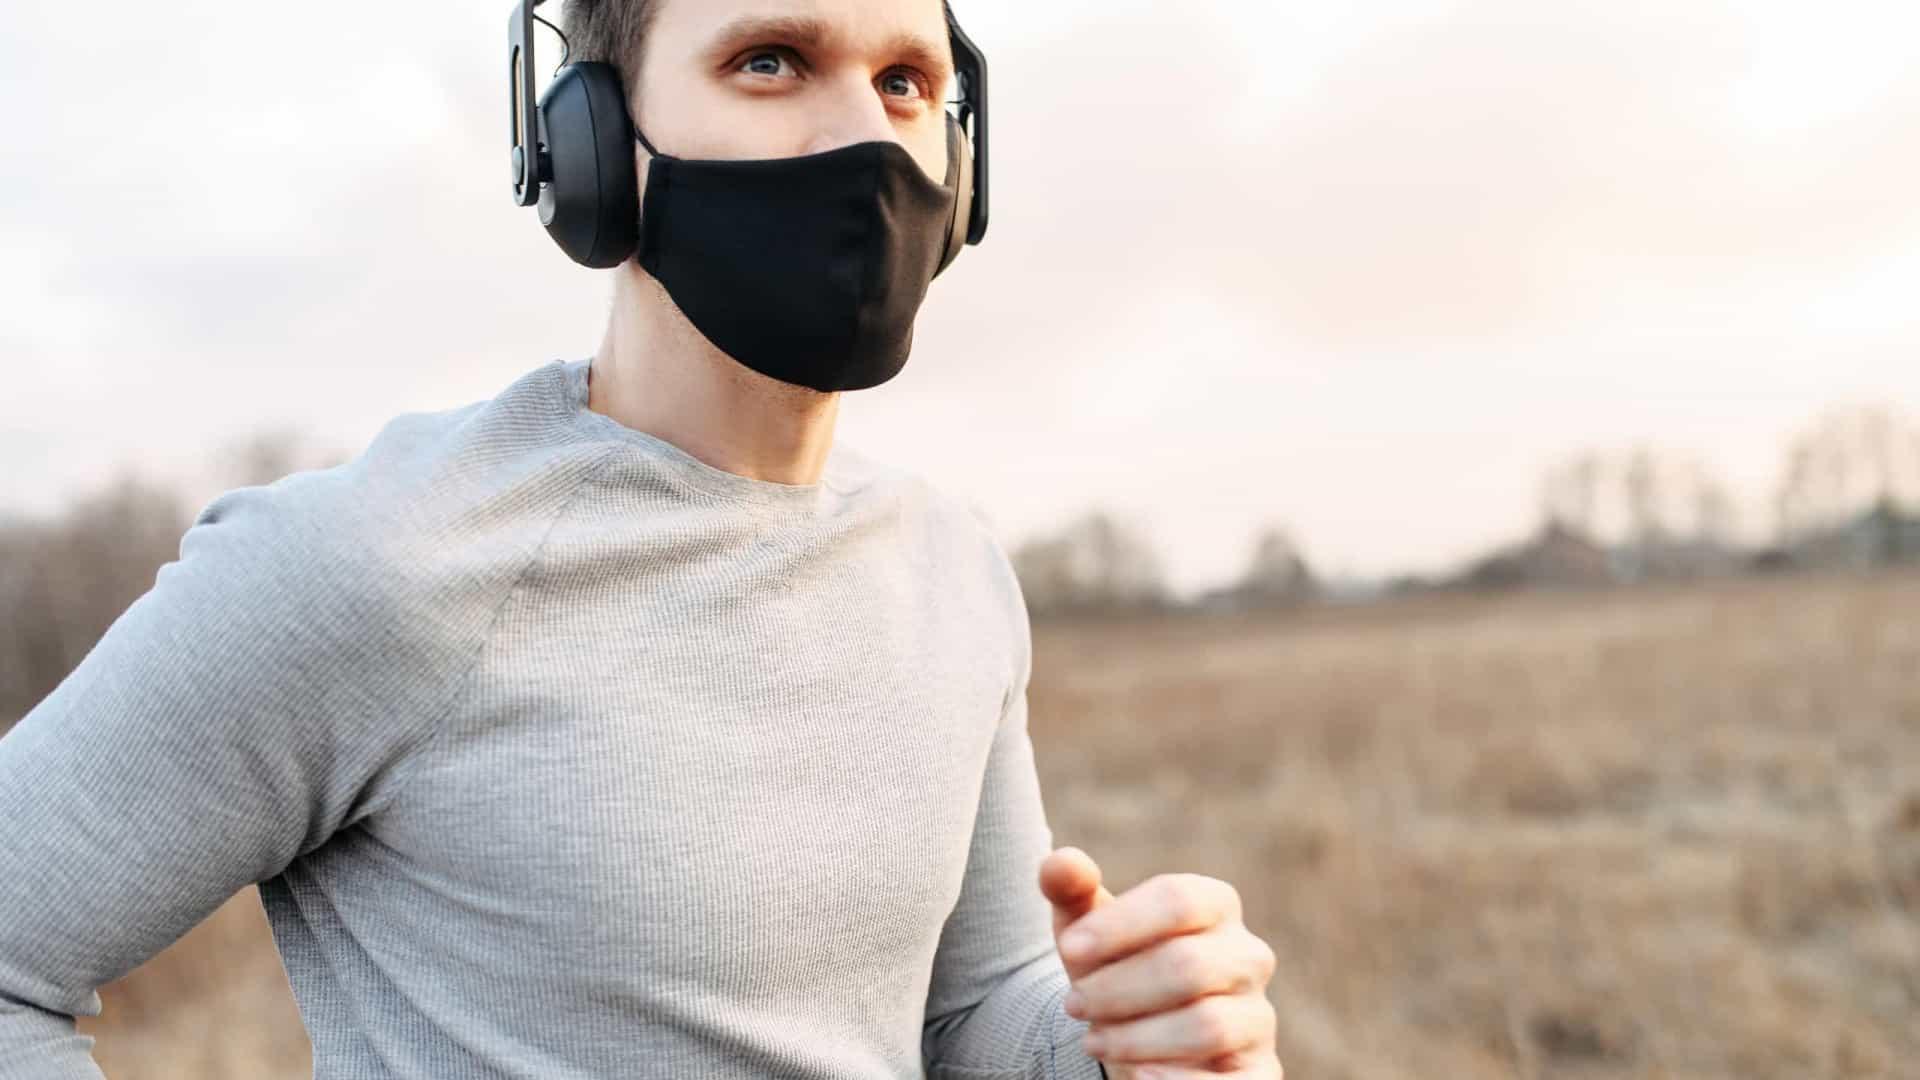 Importante saber as implicações de usar ou não máscara para se exercitar